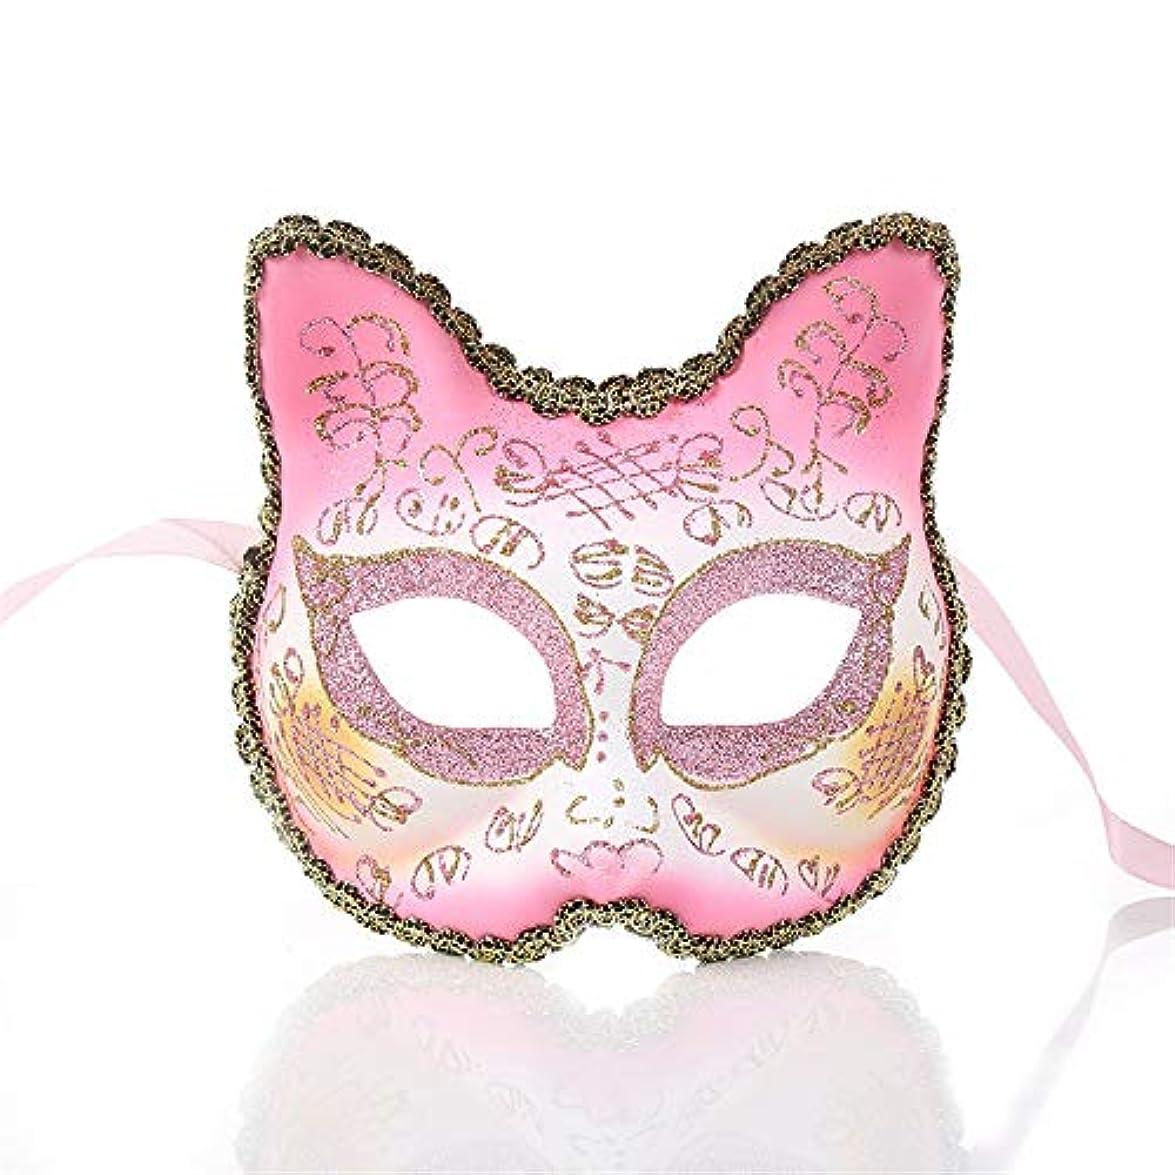 無力凍った失うダンスマスク ワイルドマスカレードロールプレイングパーティーの小道具ナイトクラブのマスクの雰囲気クリスマスフェスティバルロールプレイングプラスチックマスク ホリデーパーティー用品 (色 : ピンク, サイズ : 13x13cm)